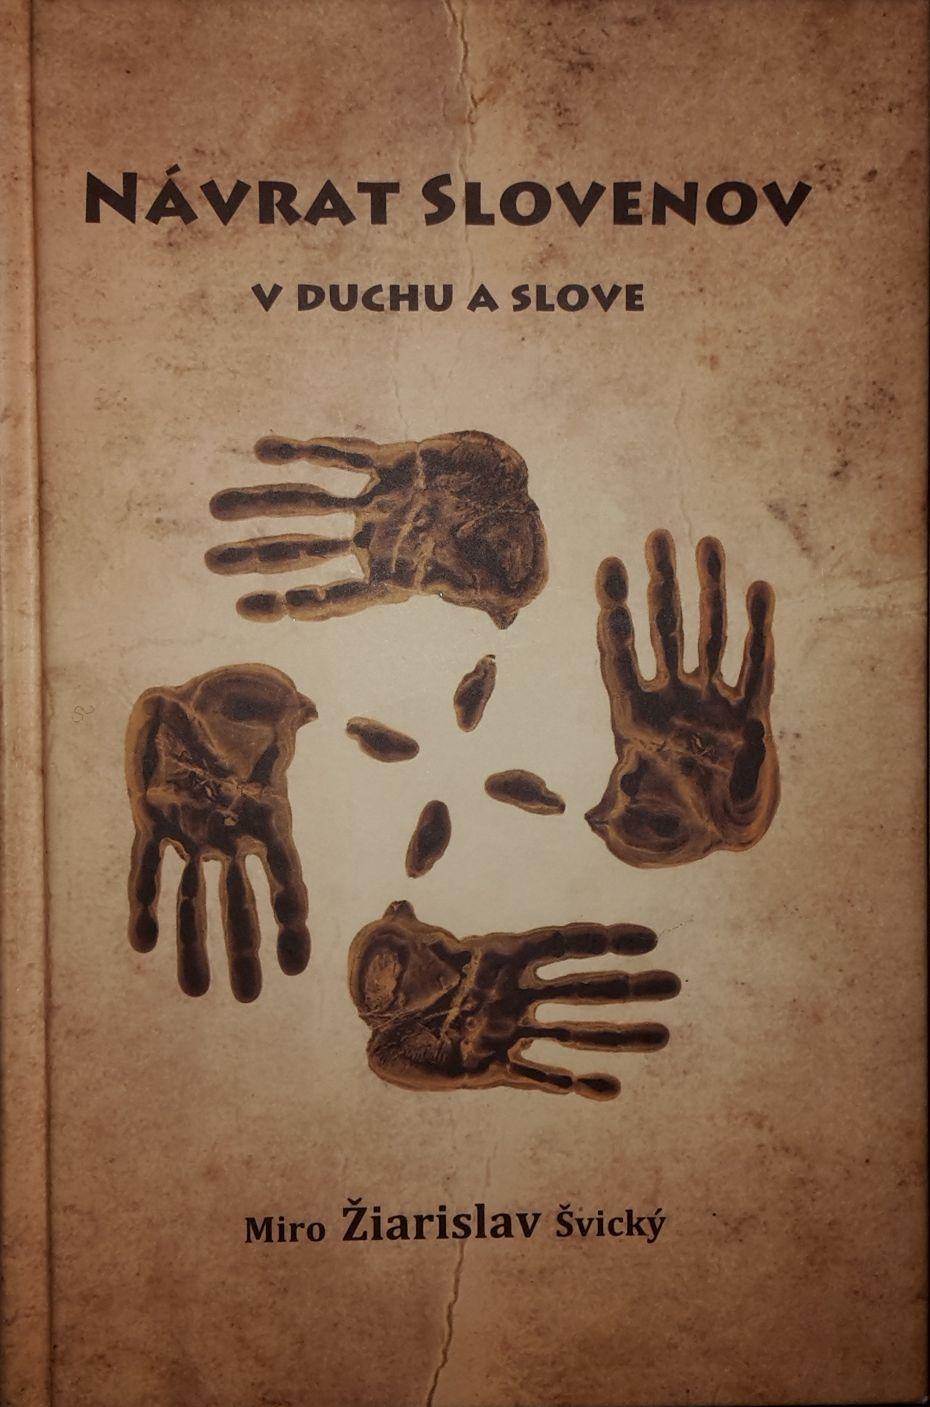 Návrat Slovenov v duchu a slove, Vydavateľstvo Citadella, Vydavateľstvo Diva, 2014